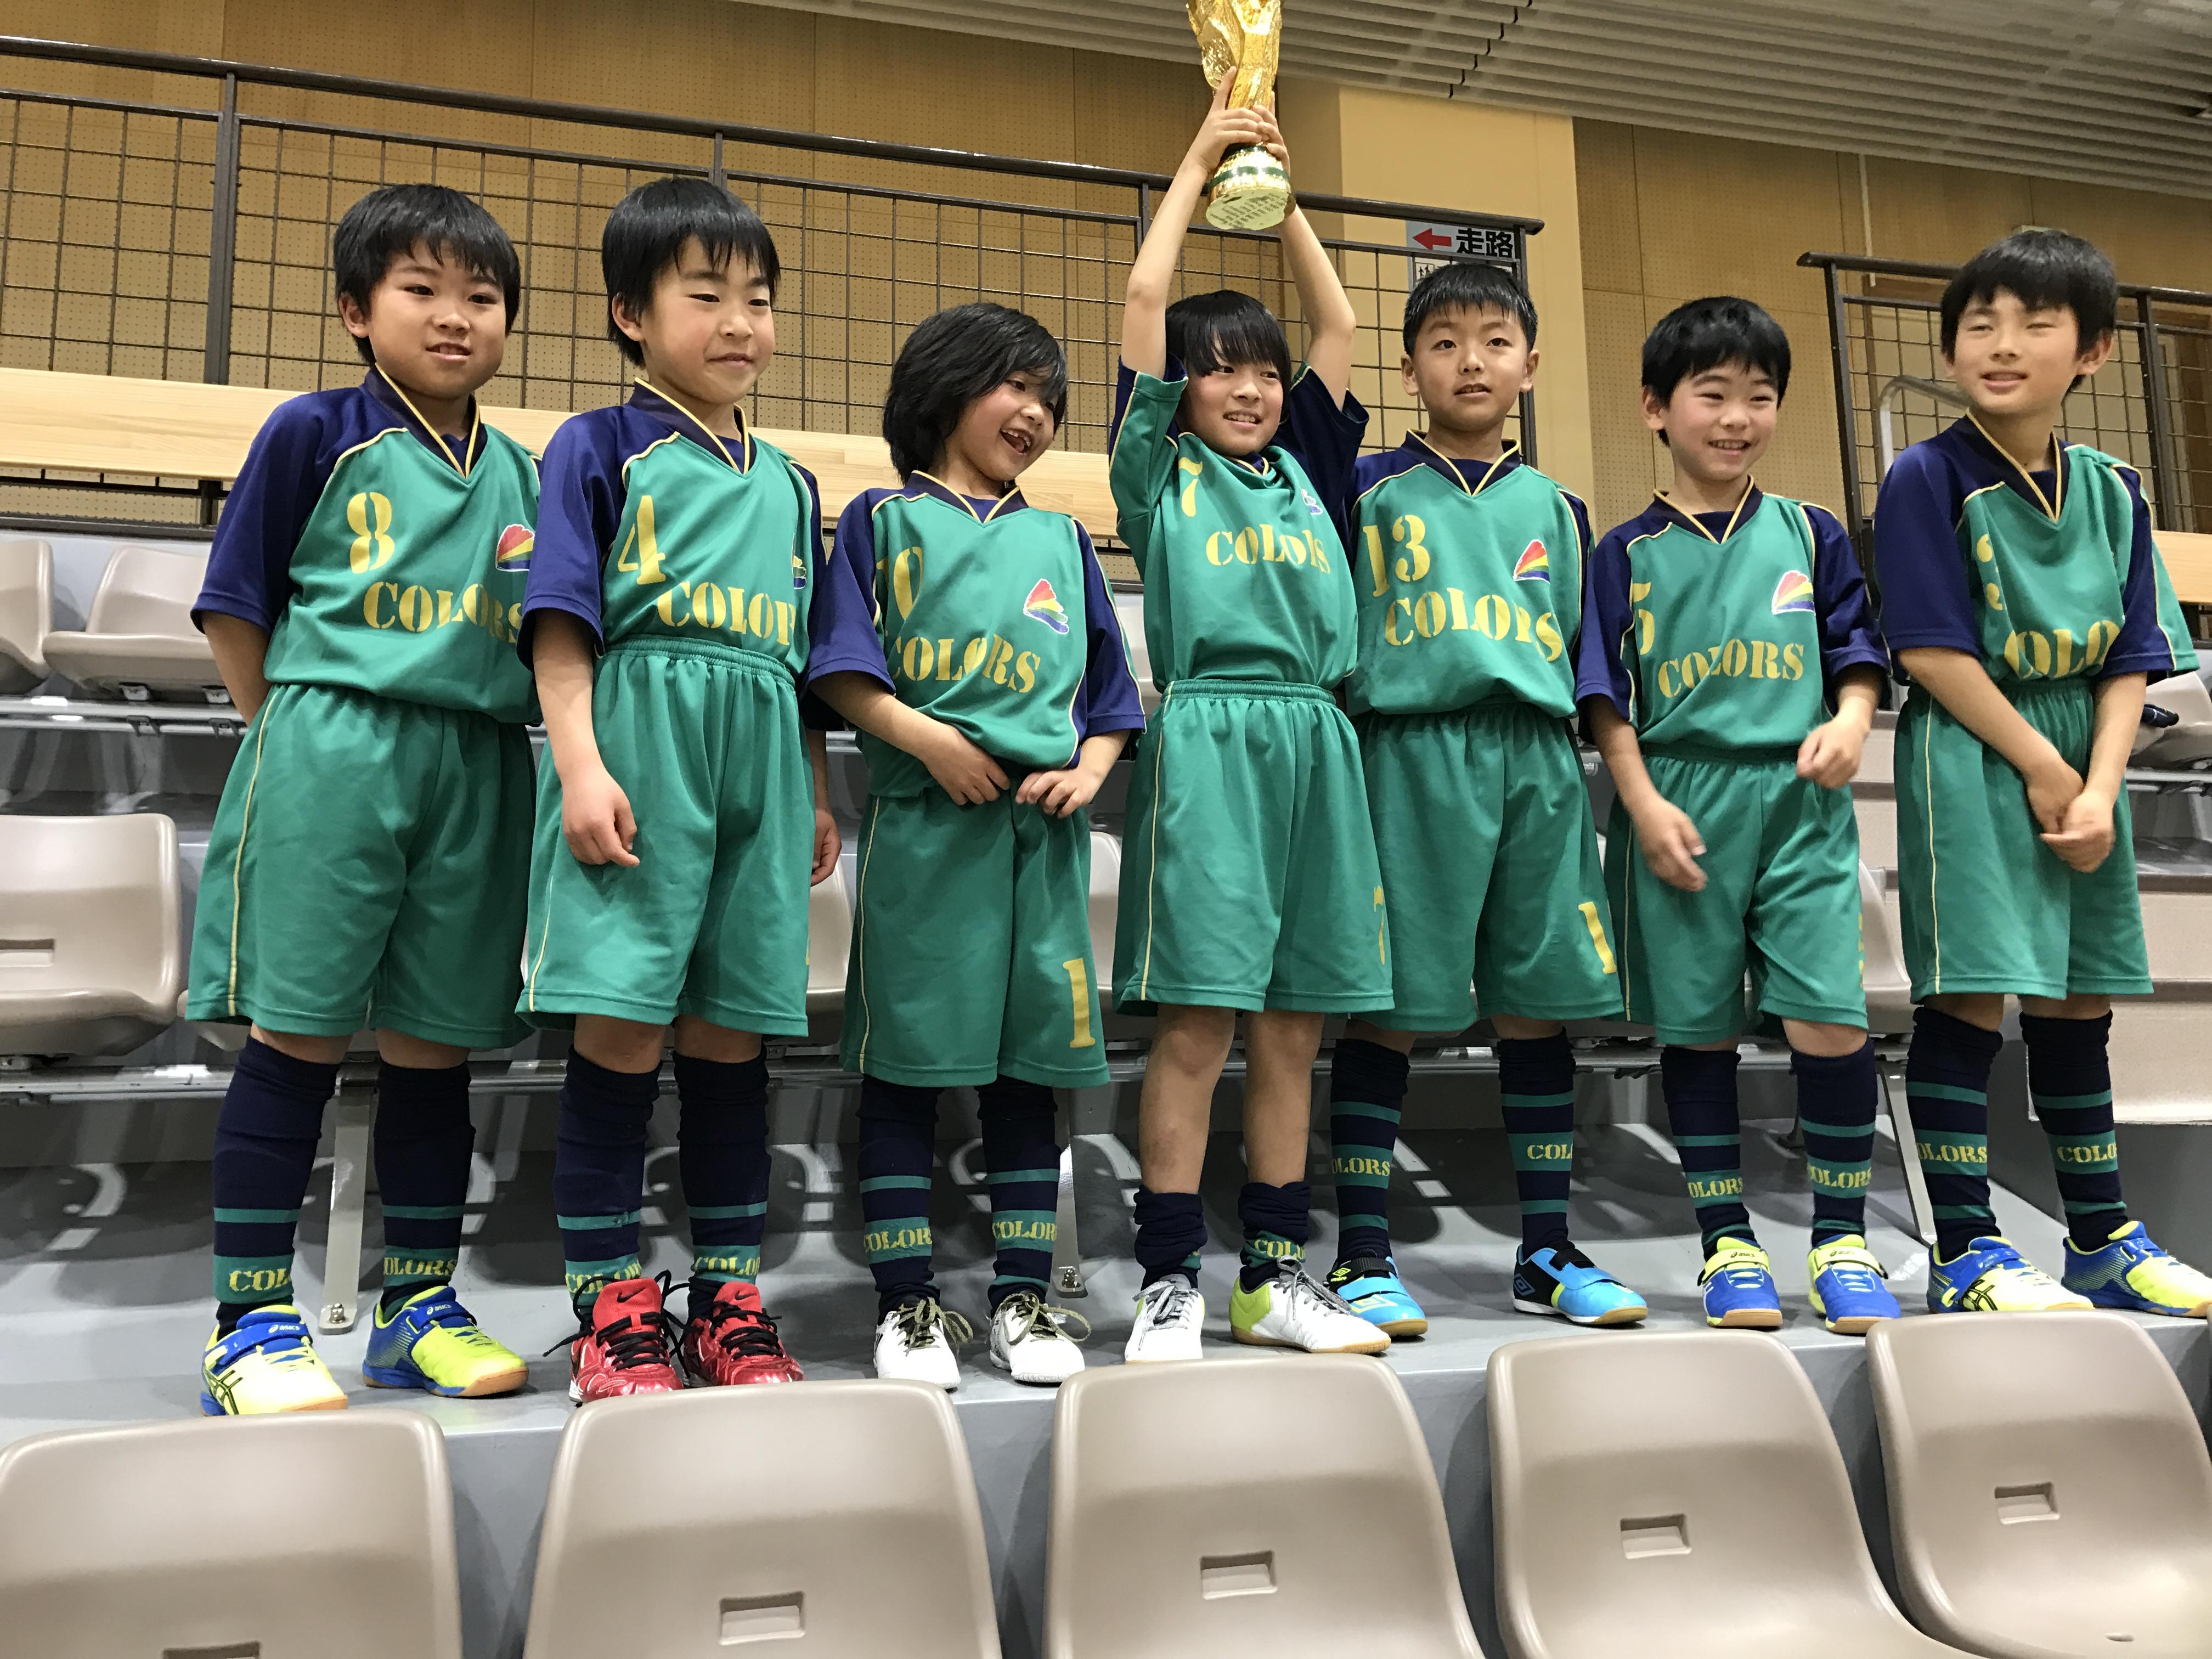 3/18(土)2017東京八王子南ロータリークラブフットサルチャレンジカップ